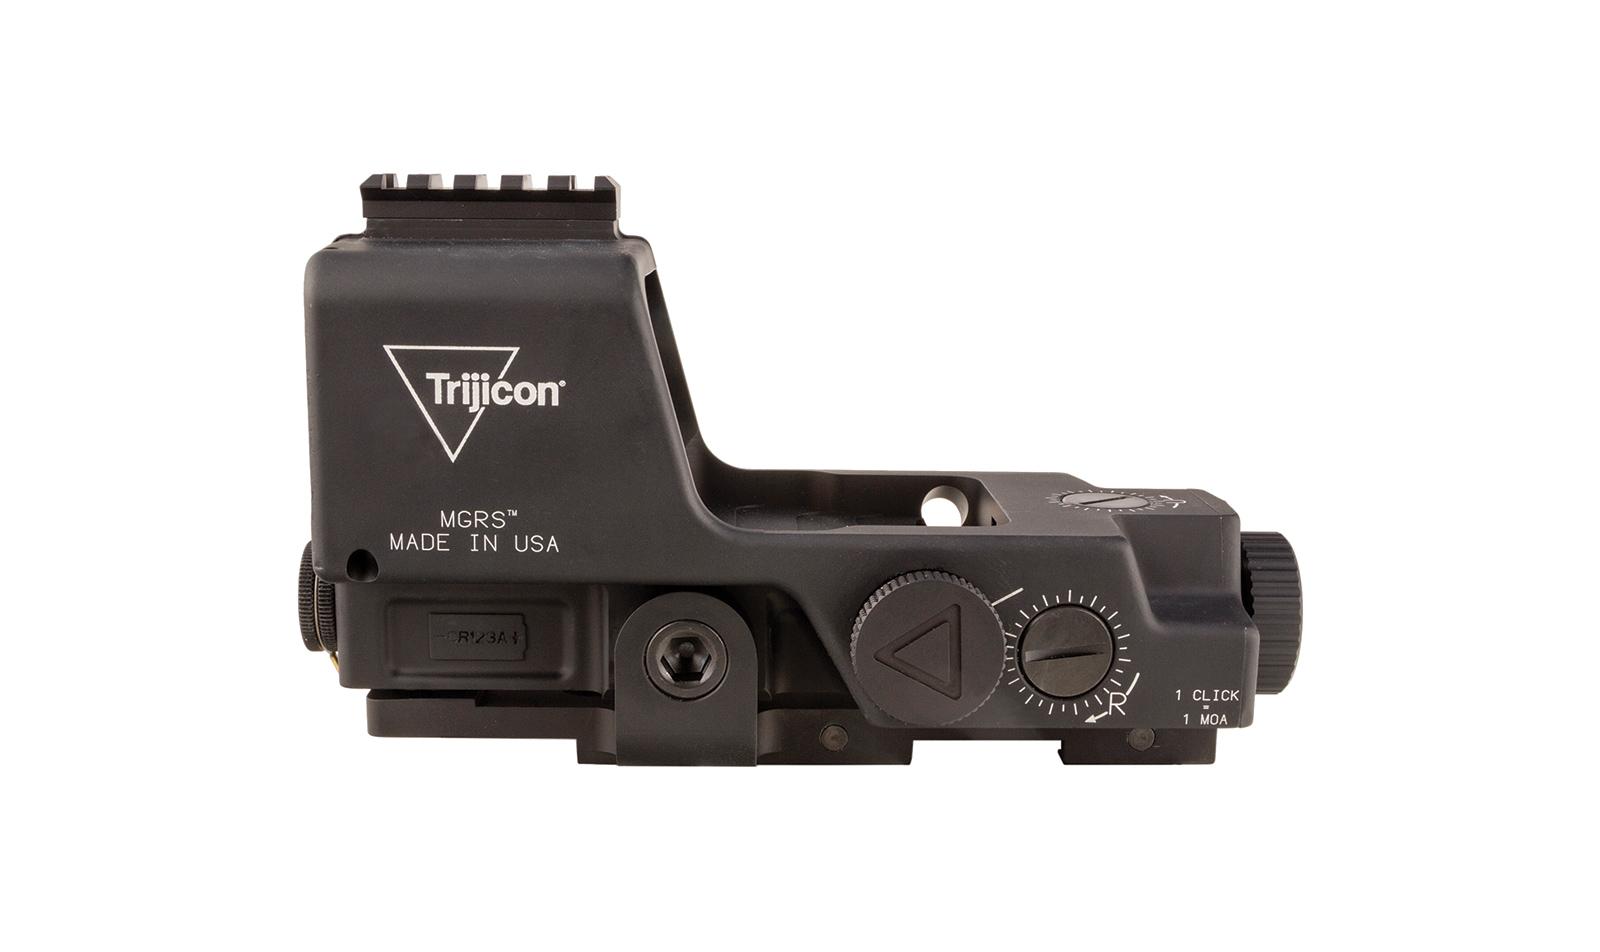 MGRS-D-2300002 angle 2